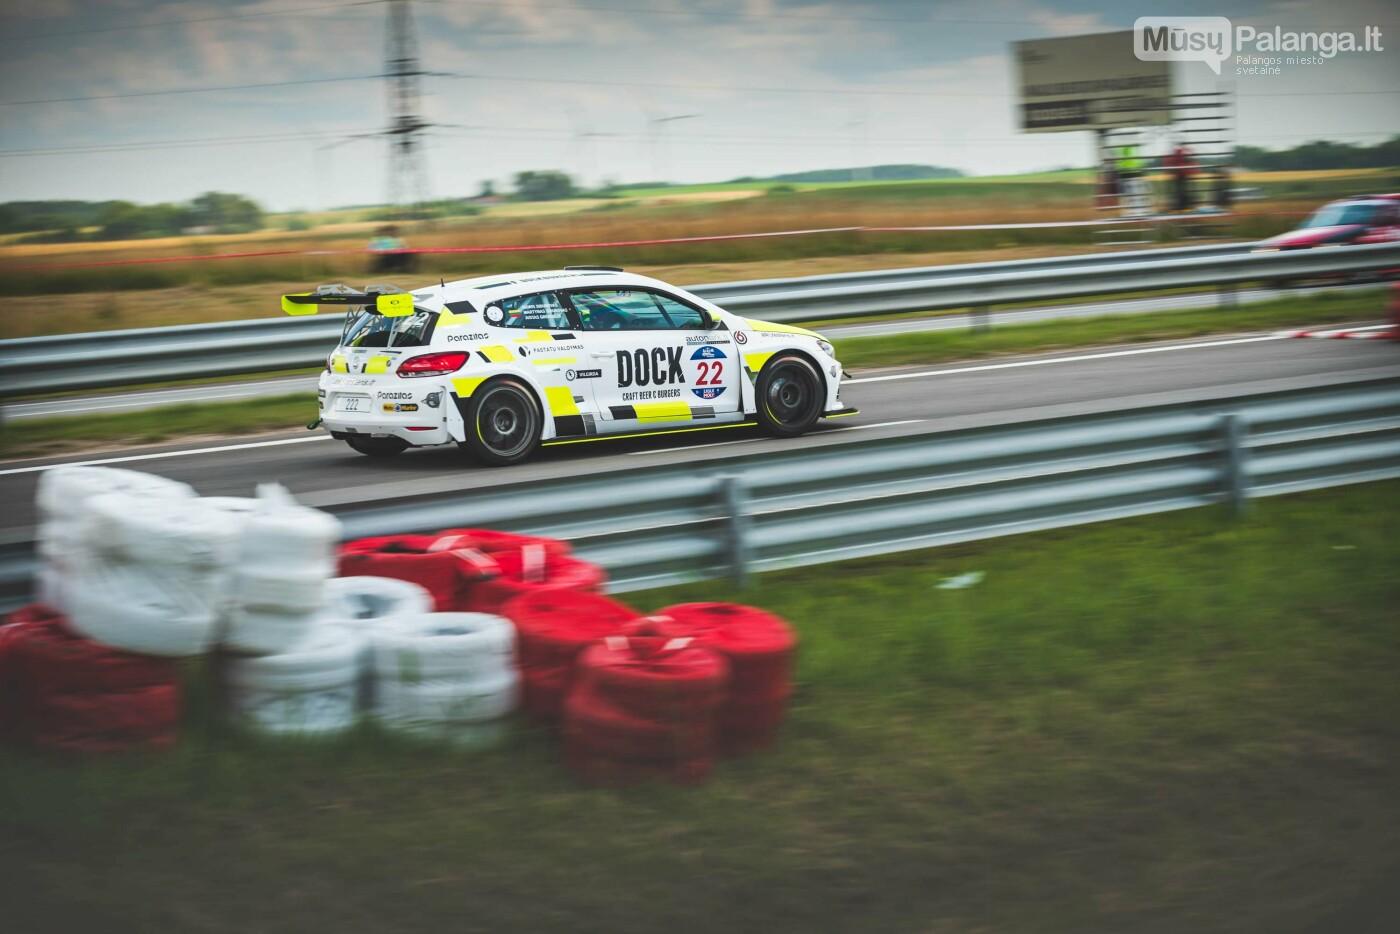 """Pirmoji """"Aurum 1006 km lenktynių"""" repeticija, nuotrauka-11, Arno STRUMILOS nuotr."""